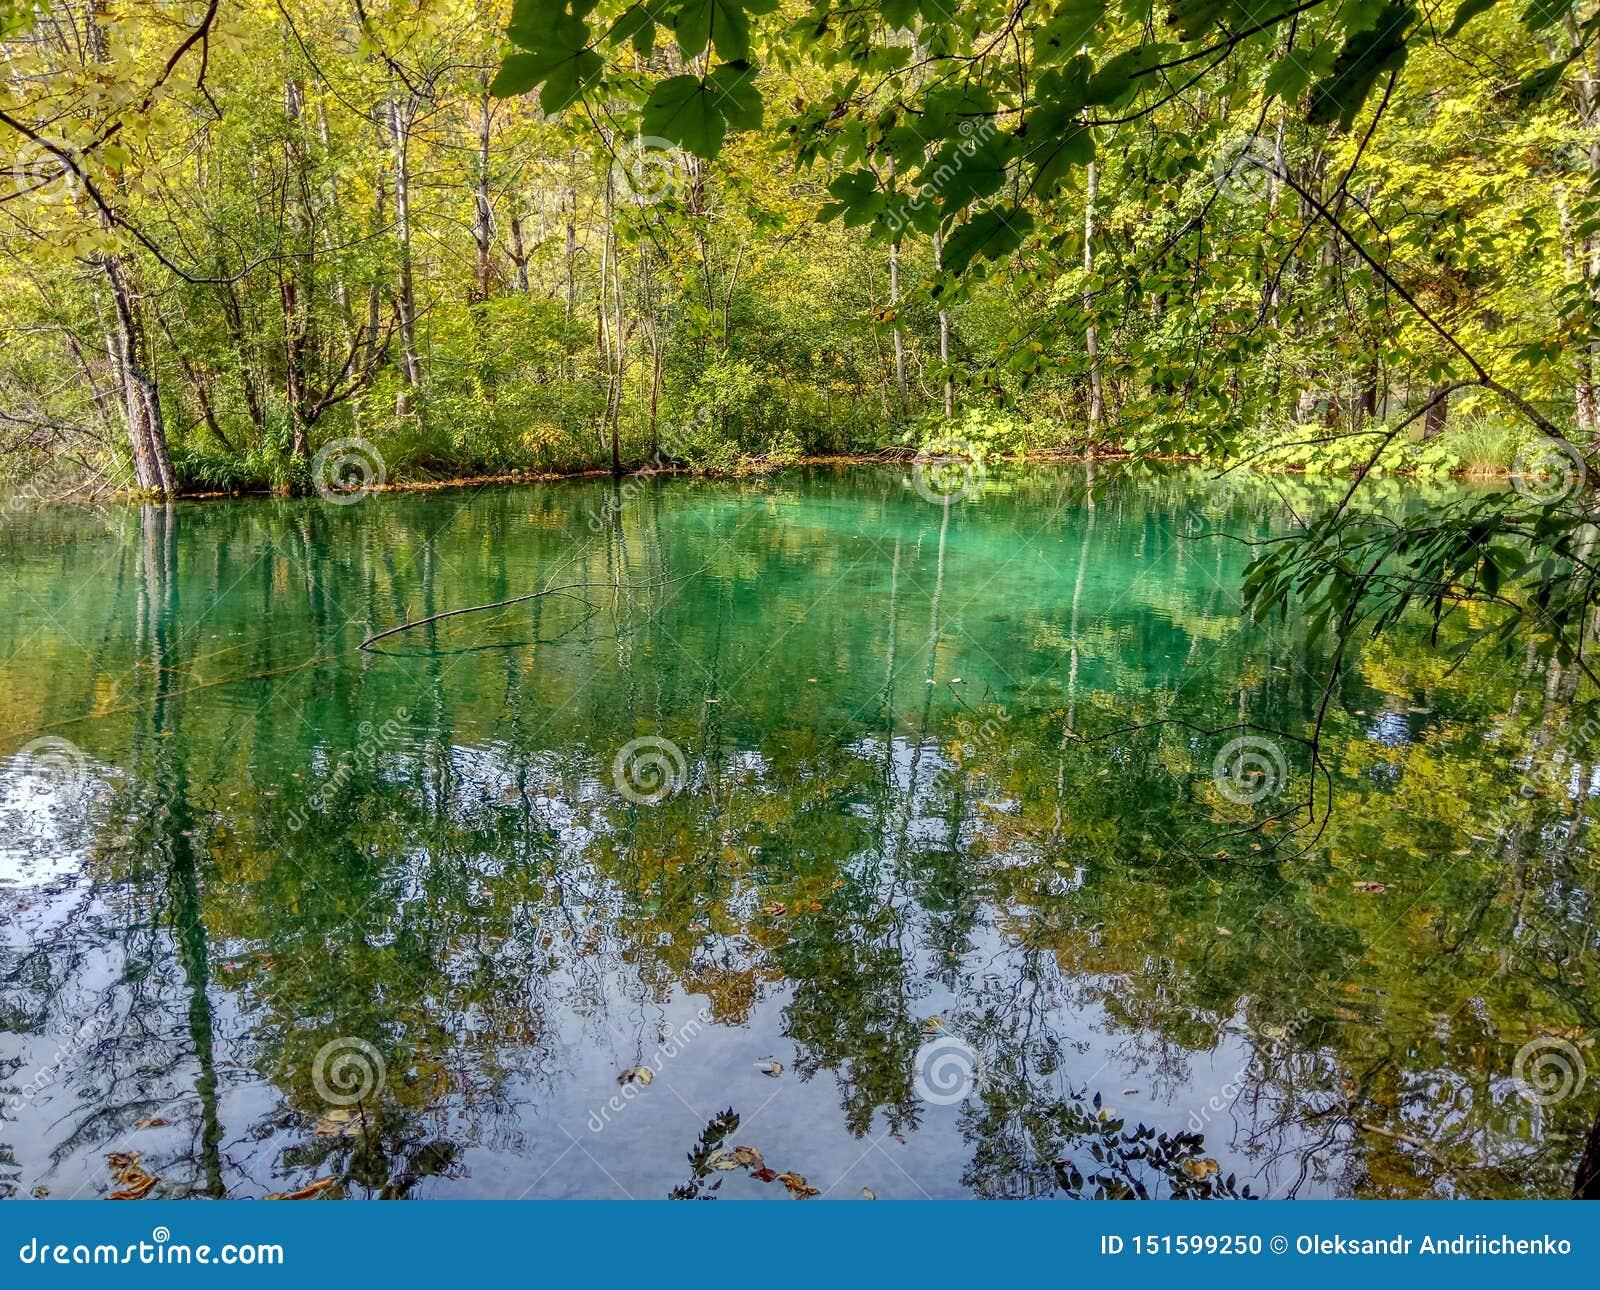 Het meer met turkoois water in de herfst bos